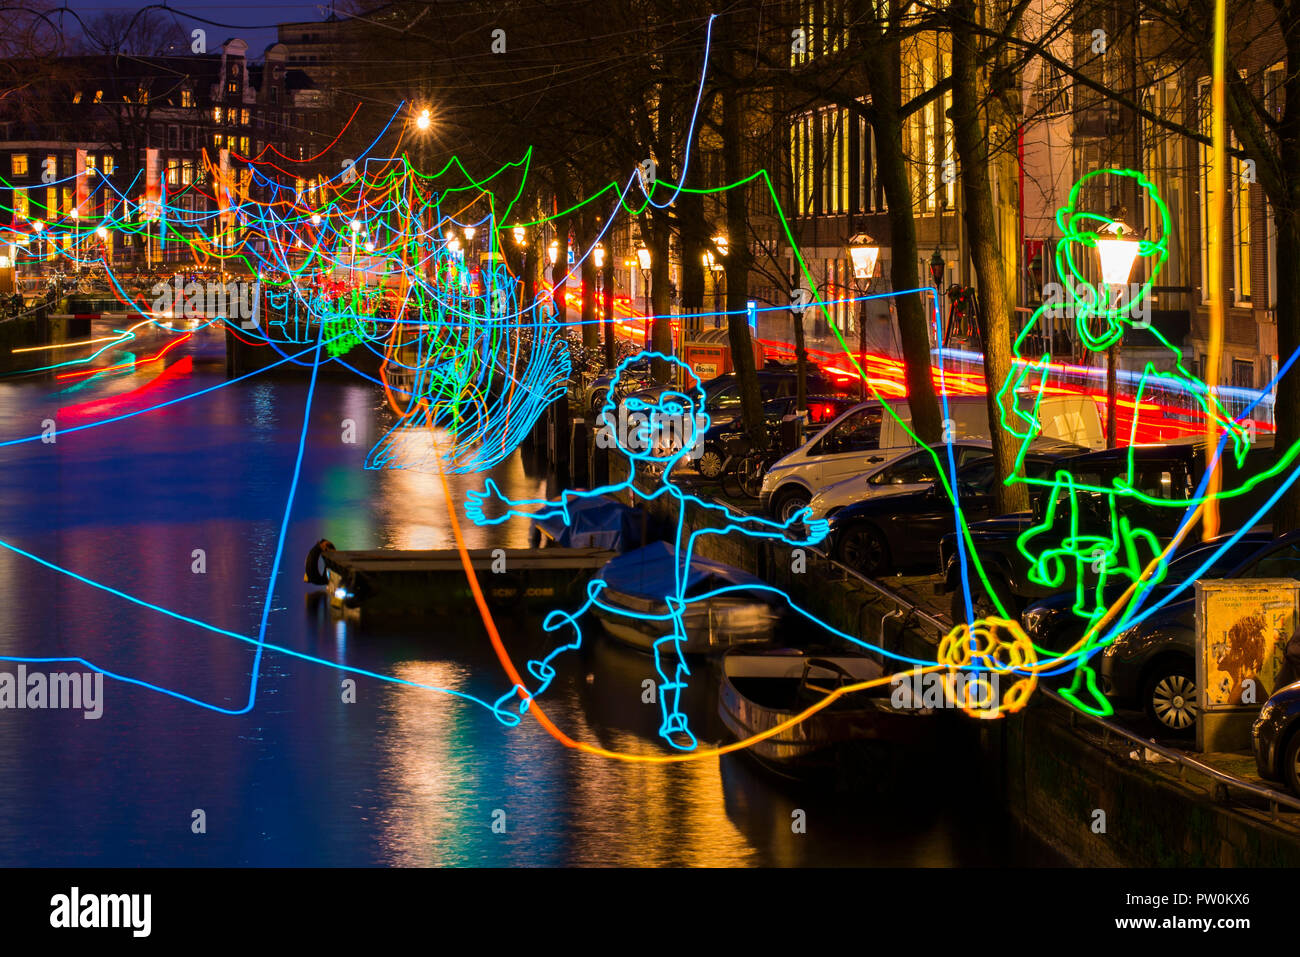 Licht Tour Amsterdam : Amsterdam canal herengracht während amsterdam licht festival mit